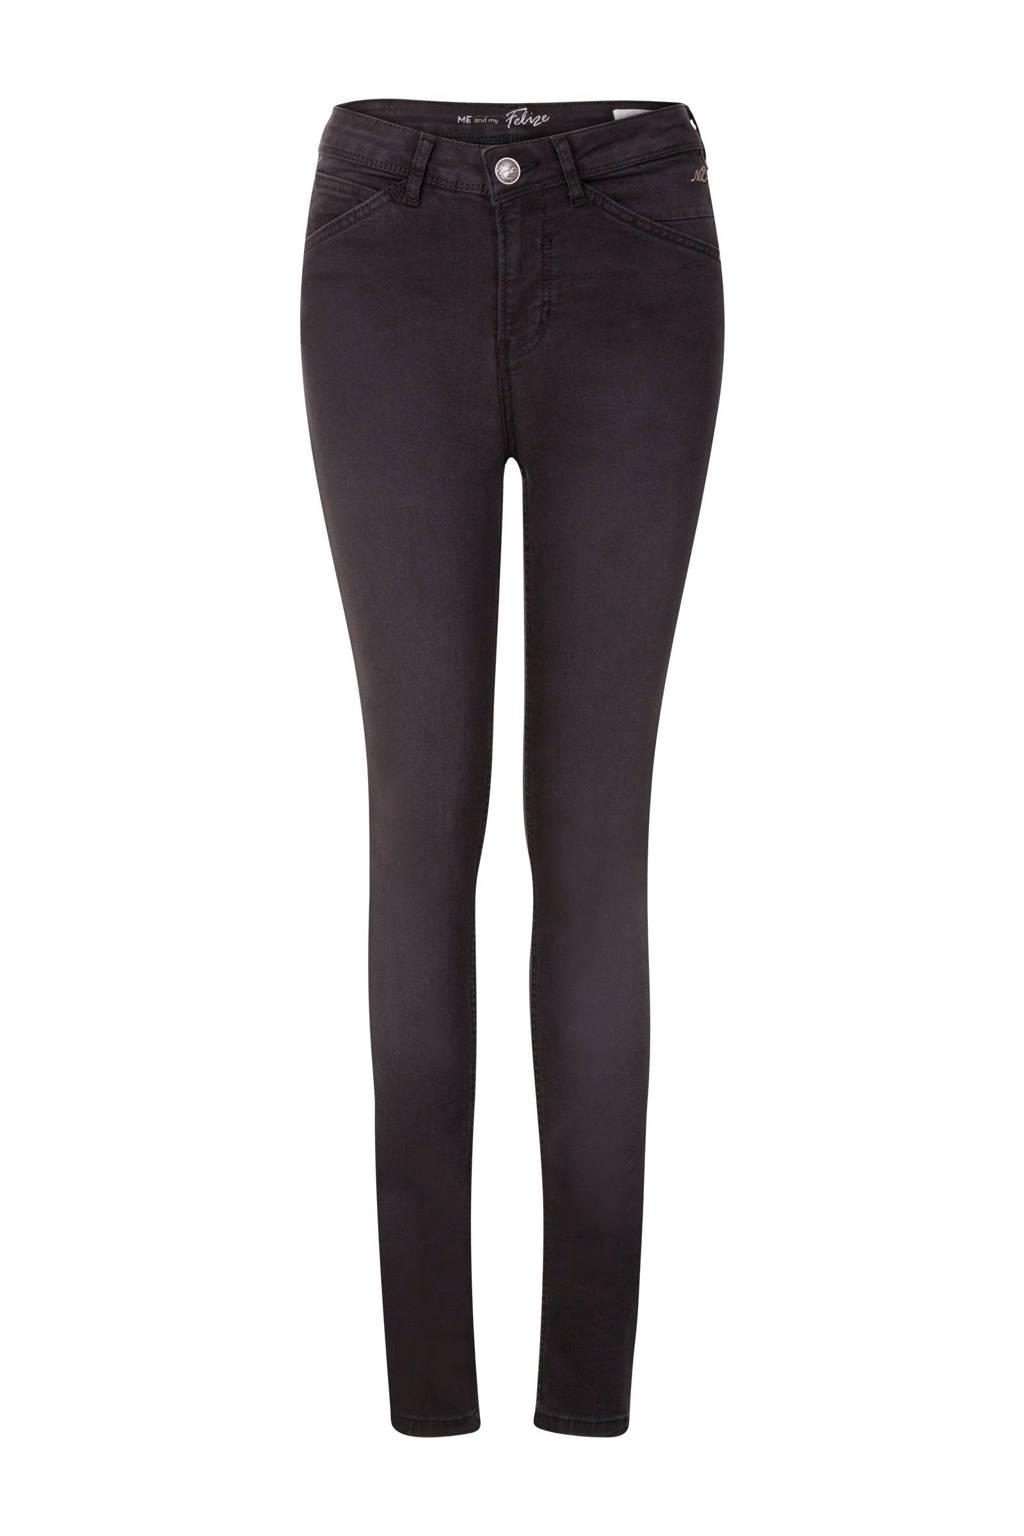 Miss Etam Regulier skinny jeans Felize Flex zwart 32 inch, Zwart